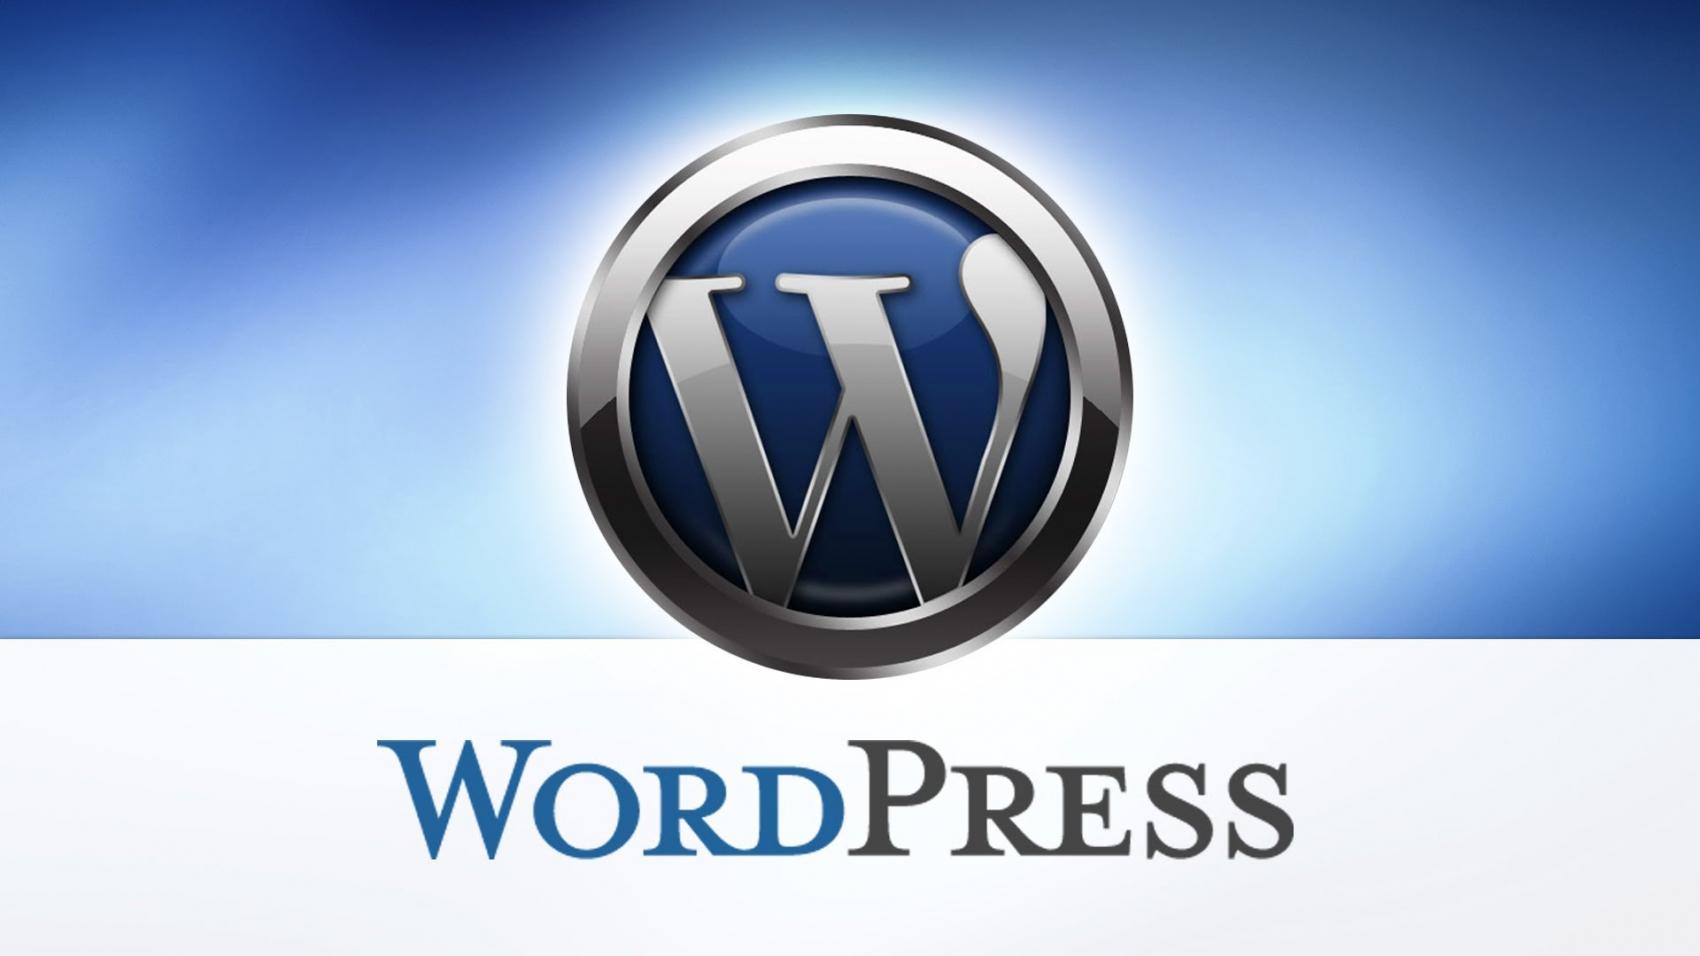 Как упростить себе жизнь и автоматизировать работу с сайтами на WordPress